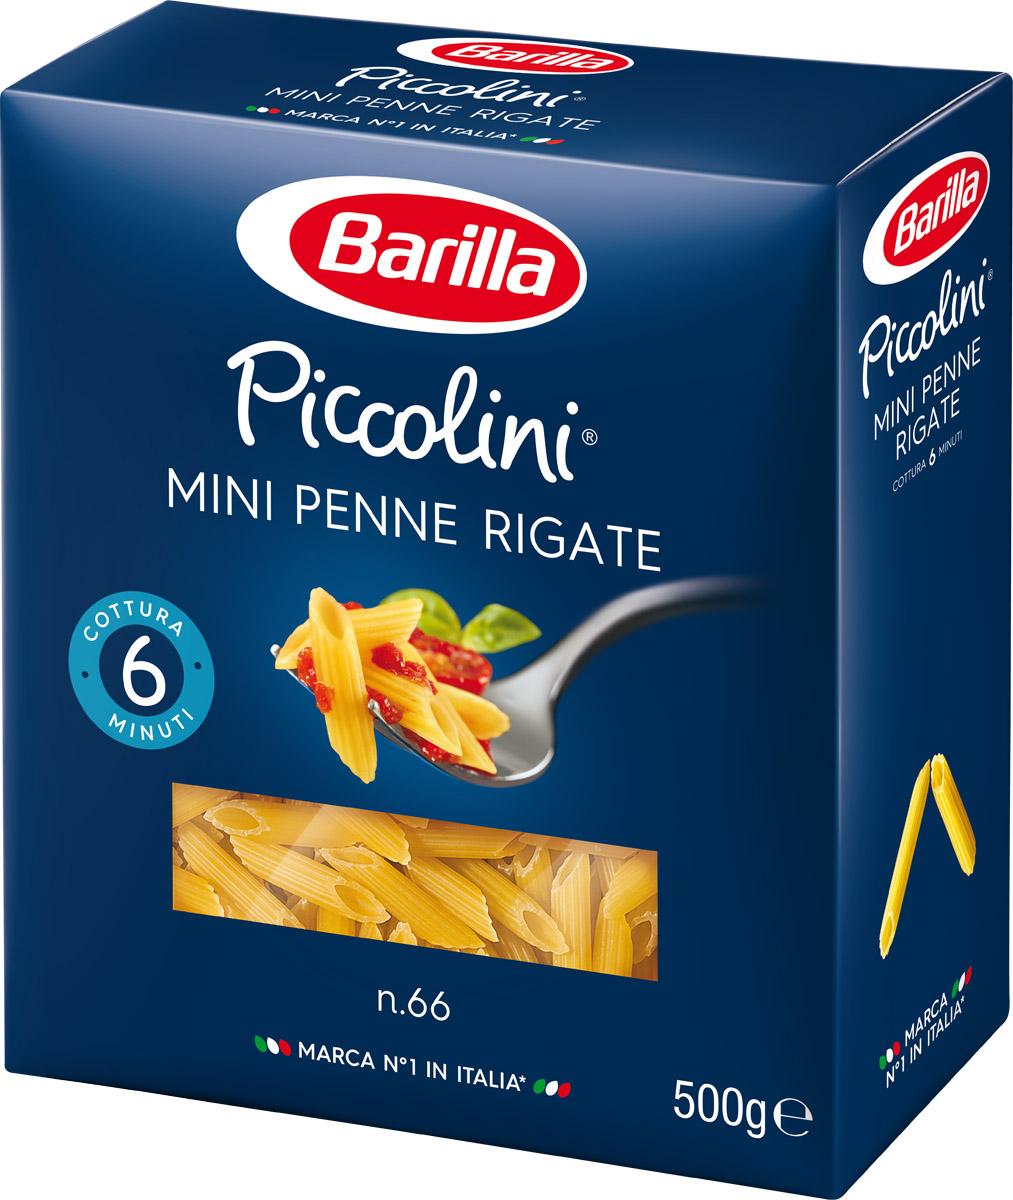 Barilla Mini Penne Rigate паста мини пенне ригате, 500 г melissa паста пенне ригате коричневые перья 500 г